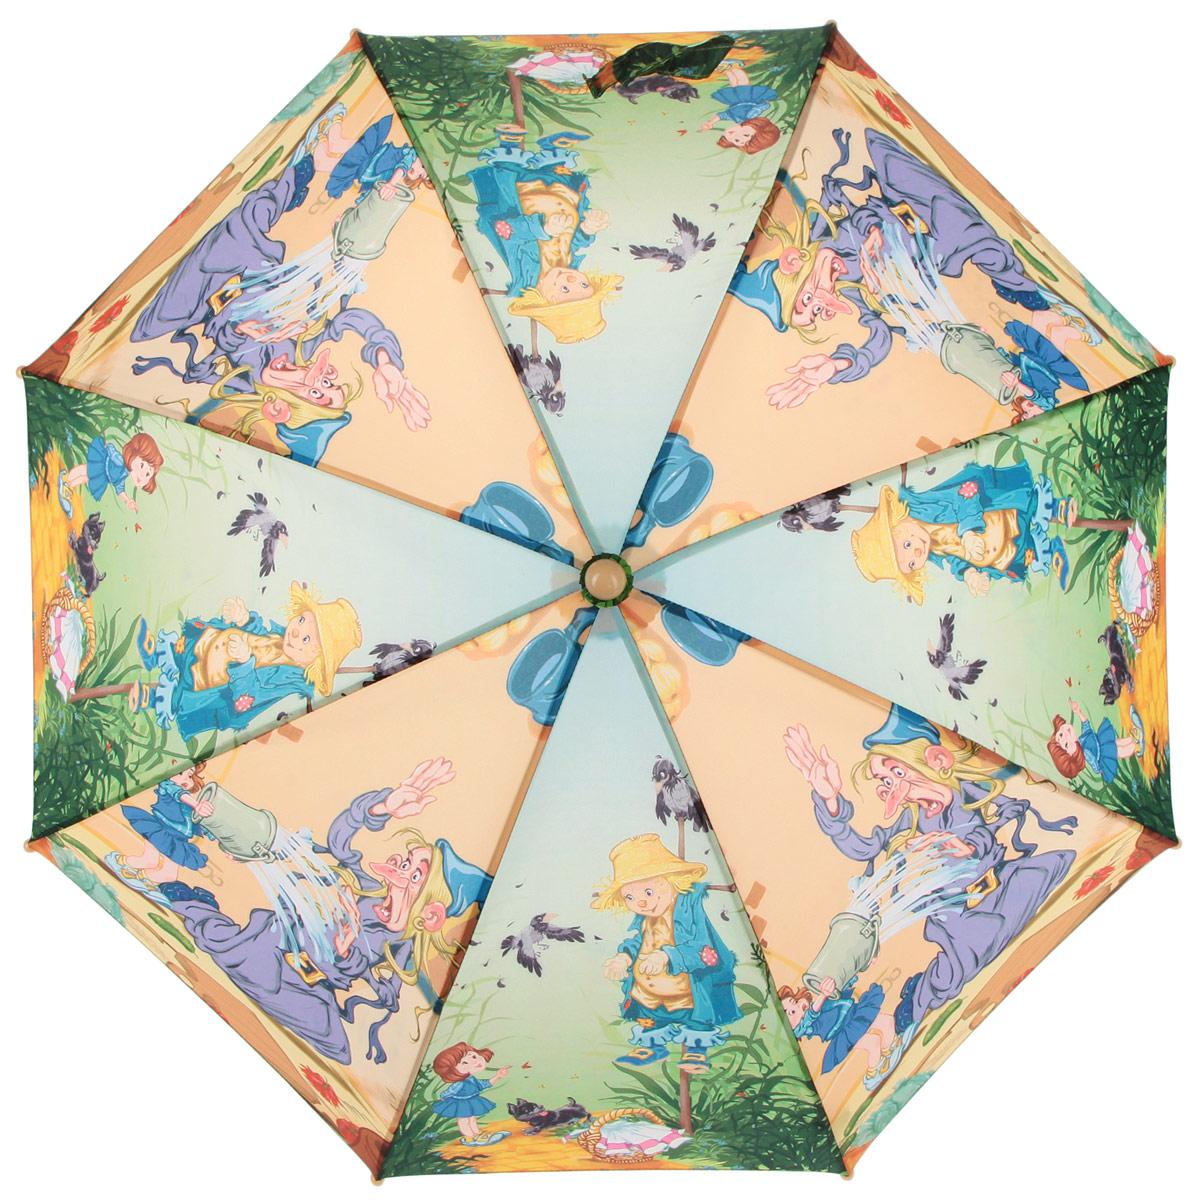 Зонт-трость детский Zest, цвет: зеленый, оранжевый, мультицвет. 21565-04 zest зонт для раскрашивания детский